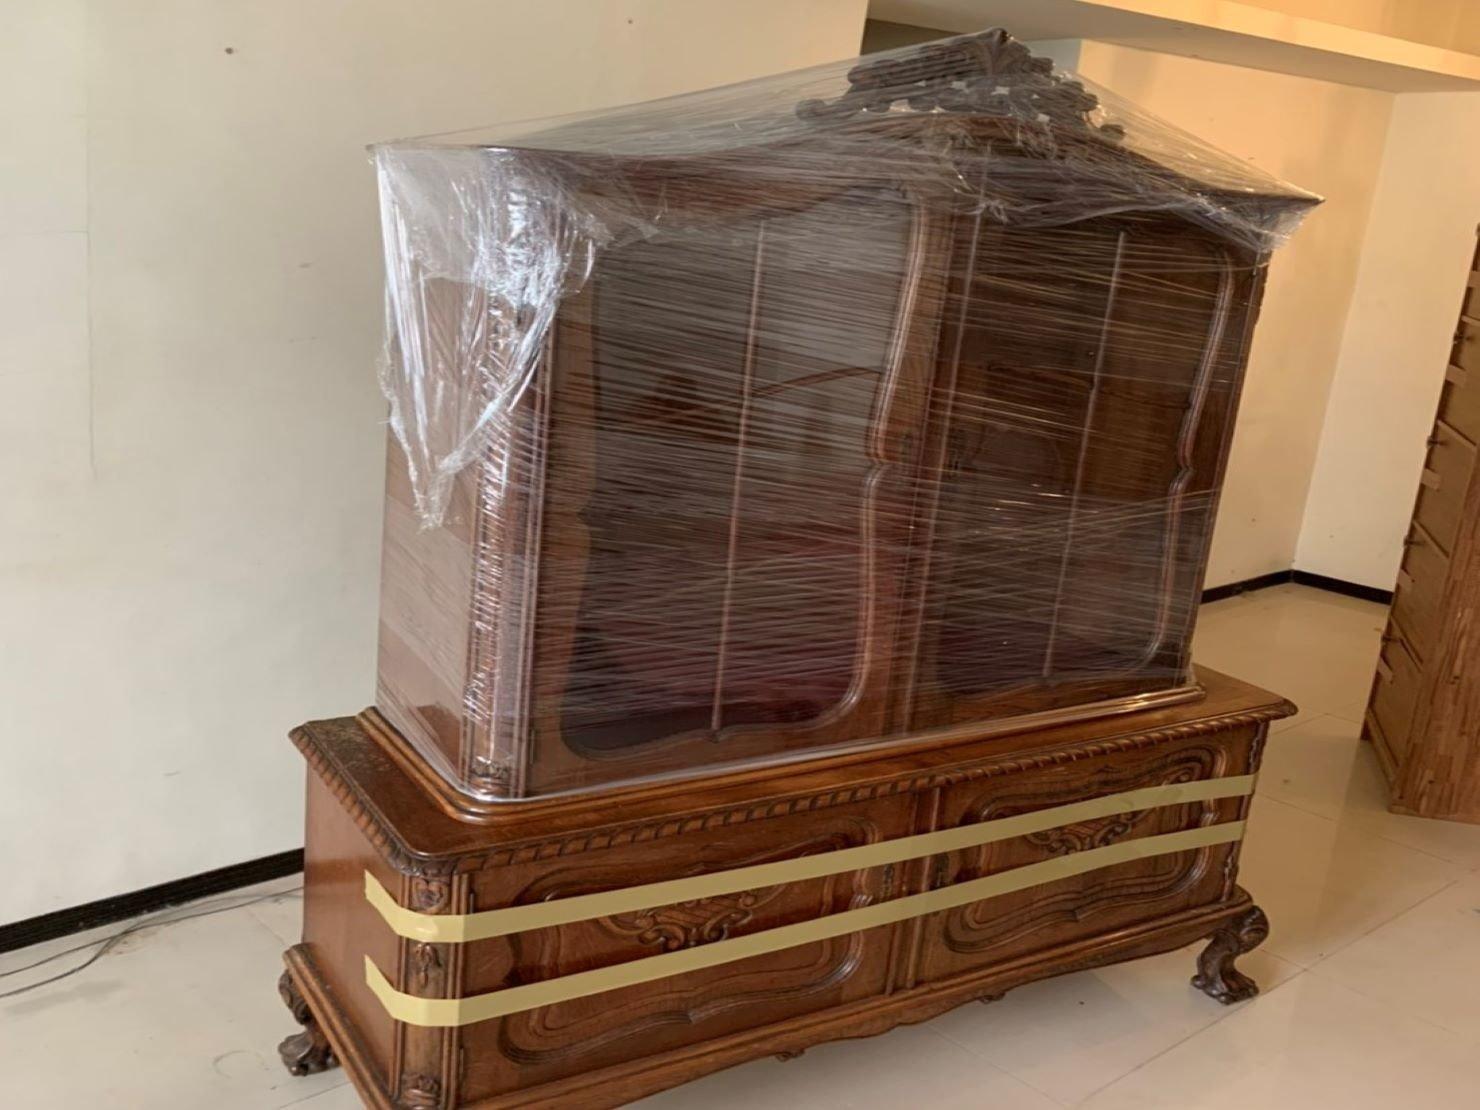 搬家【榮福搬家】搬家公司推薦、口碑第一、台北搬家:紅木玻璃上下櫃:上櫃以膠膜層層綑繞包覆,避免摩擦刮傷。